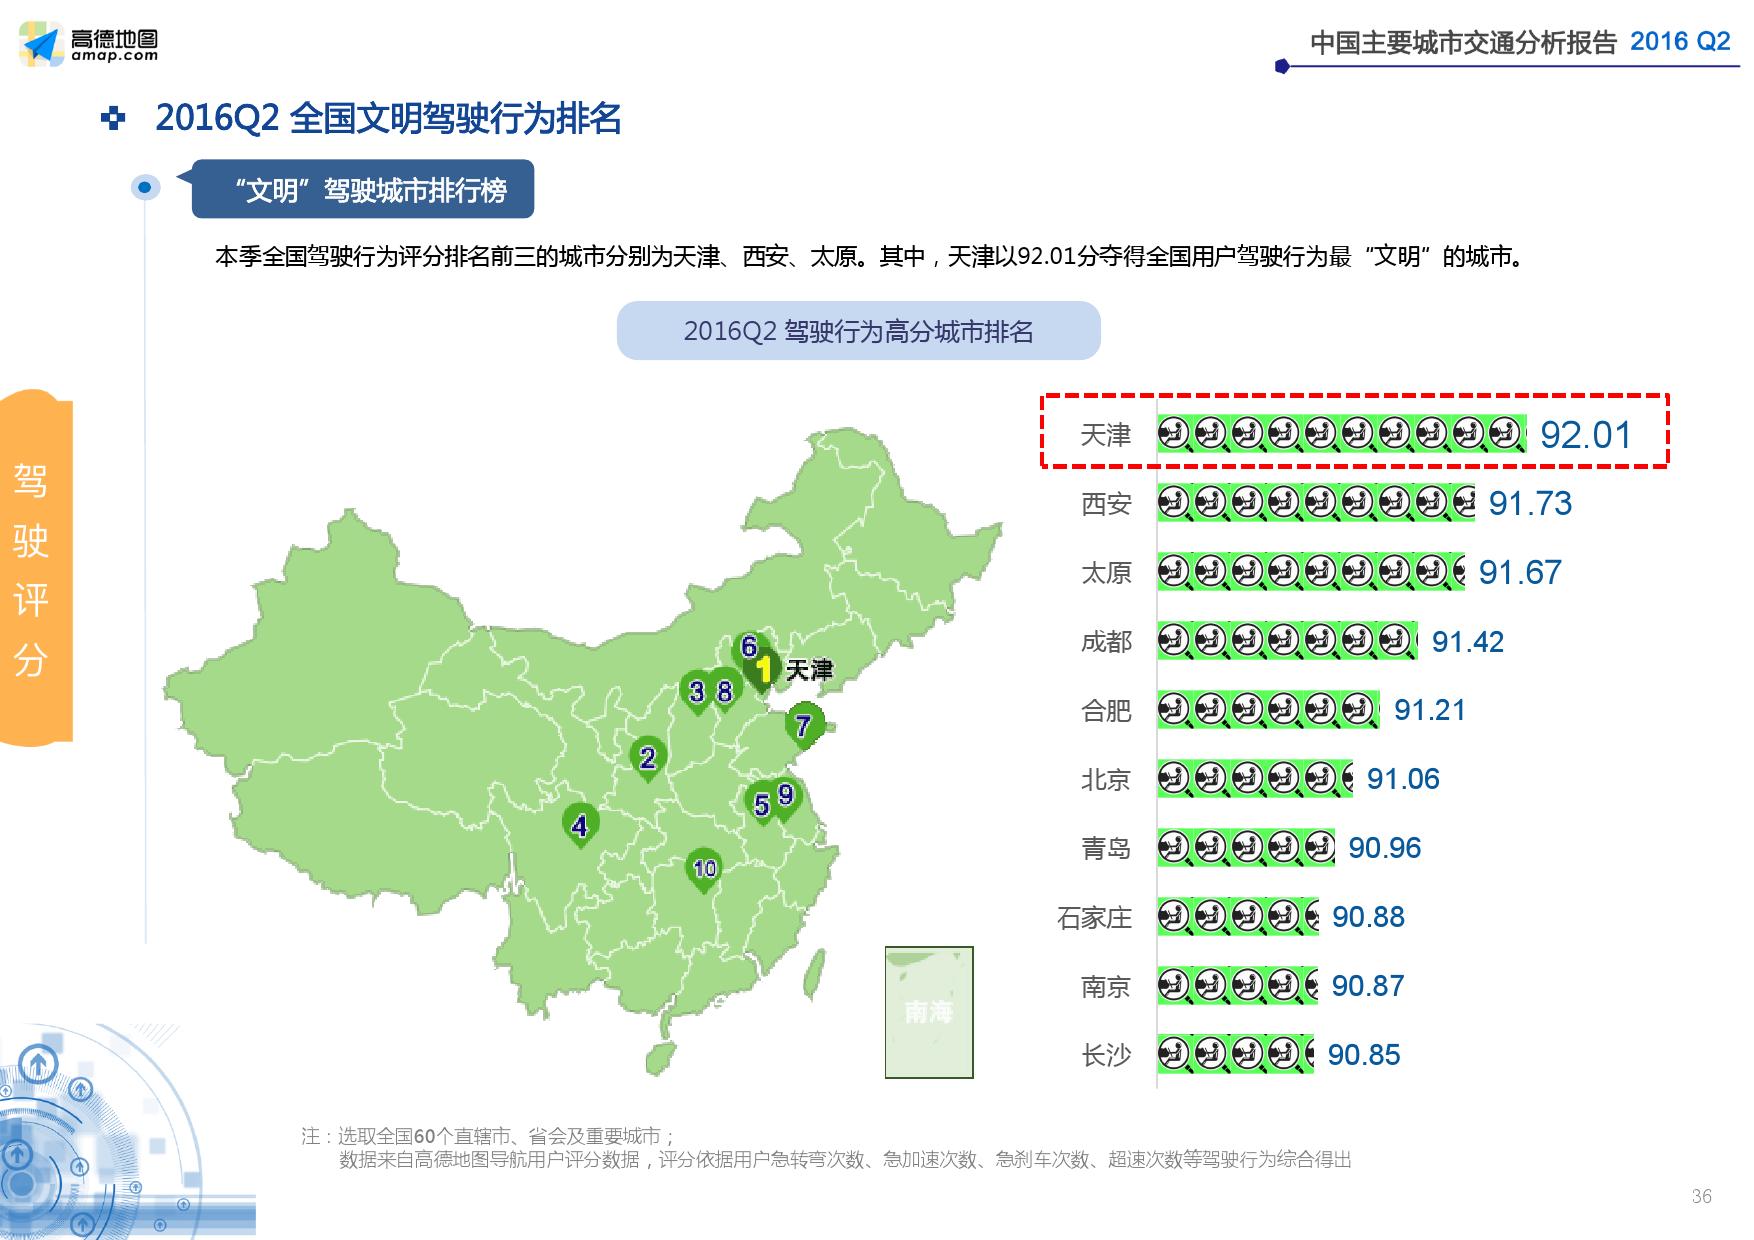 2016年Q2中国主要城市交通分析报告_000036